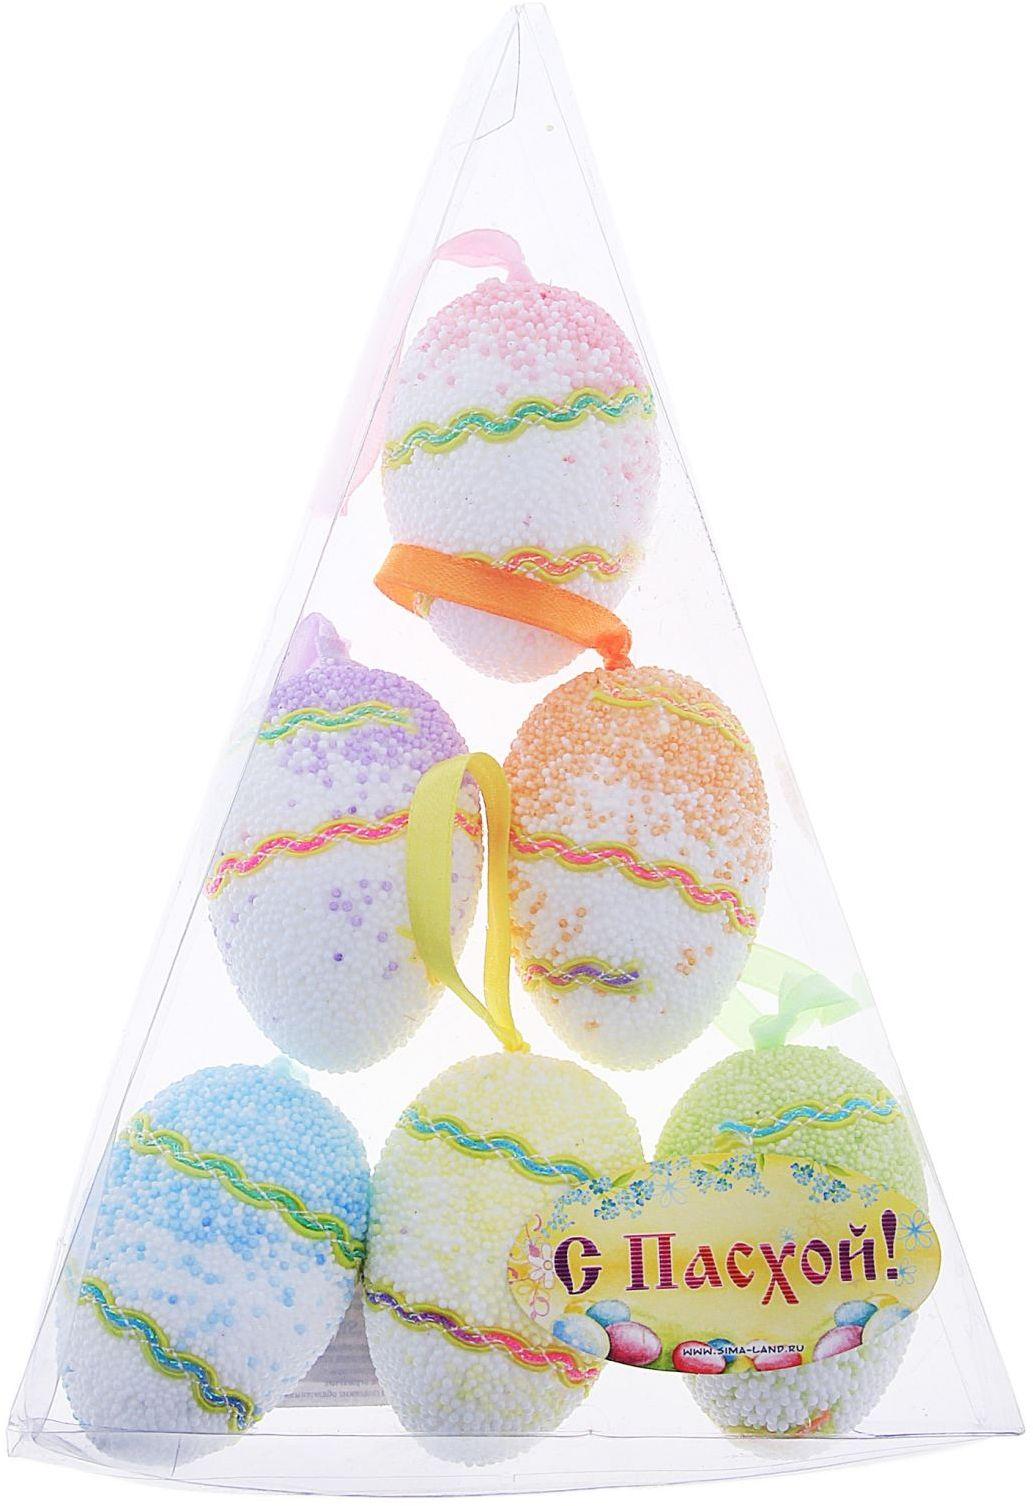 Сувенир пасхальный Sima-land Яйцо. Ассорти, 4 х 4 х 6 см, 6 шт114772Сувенир - пасхальное яйцо Ассорти (набор 6 шт) - символ жизни и возрождения. Вариантов применения такого милого сувенира множество. Во-первых, он послужит прекрасным подарком гостям, коллегам или друзьям. Всю праздничную неделю вы можете обмениваться подарочками.Во-вторых, с помощью такого сувенира вы сможете сами заняться сервировкой праздничного стола, положив его каждому гостю на тарелку, на красивую салфетку, выгодно подобрав цвета.